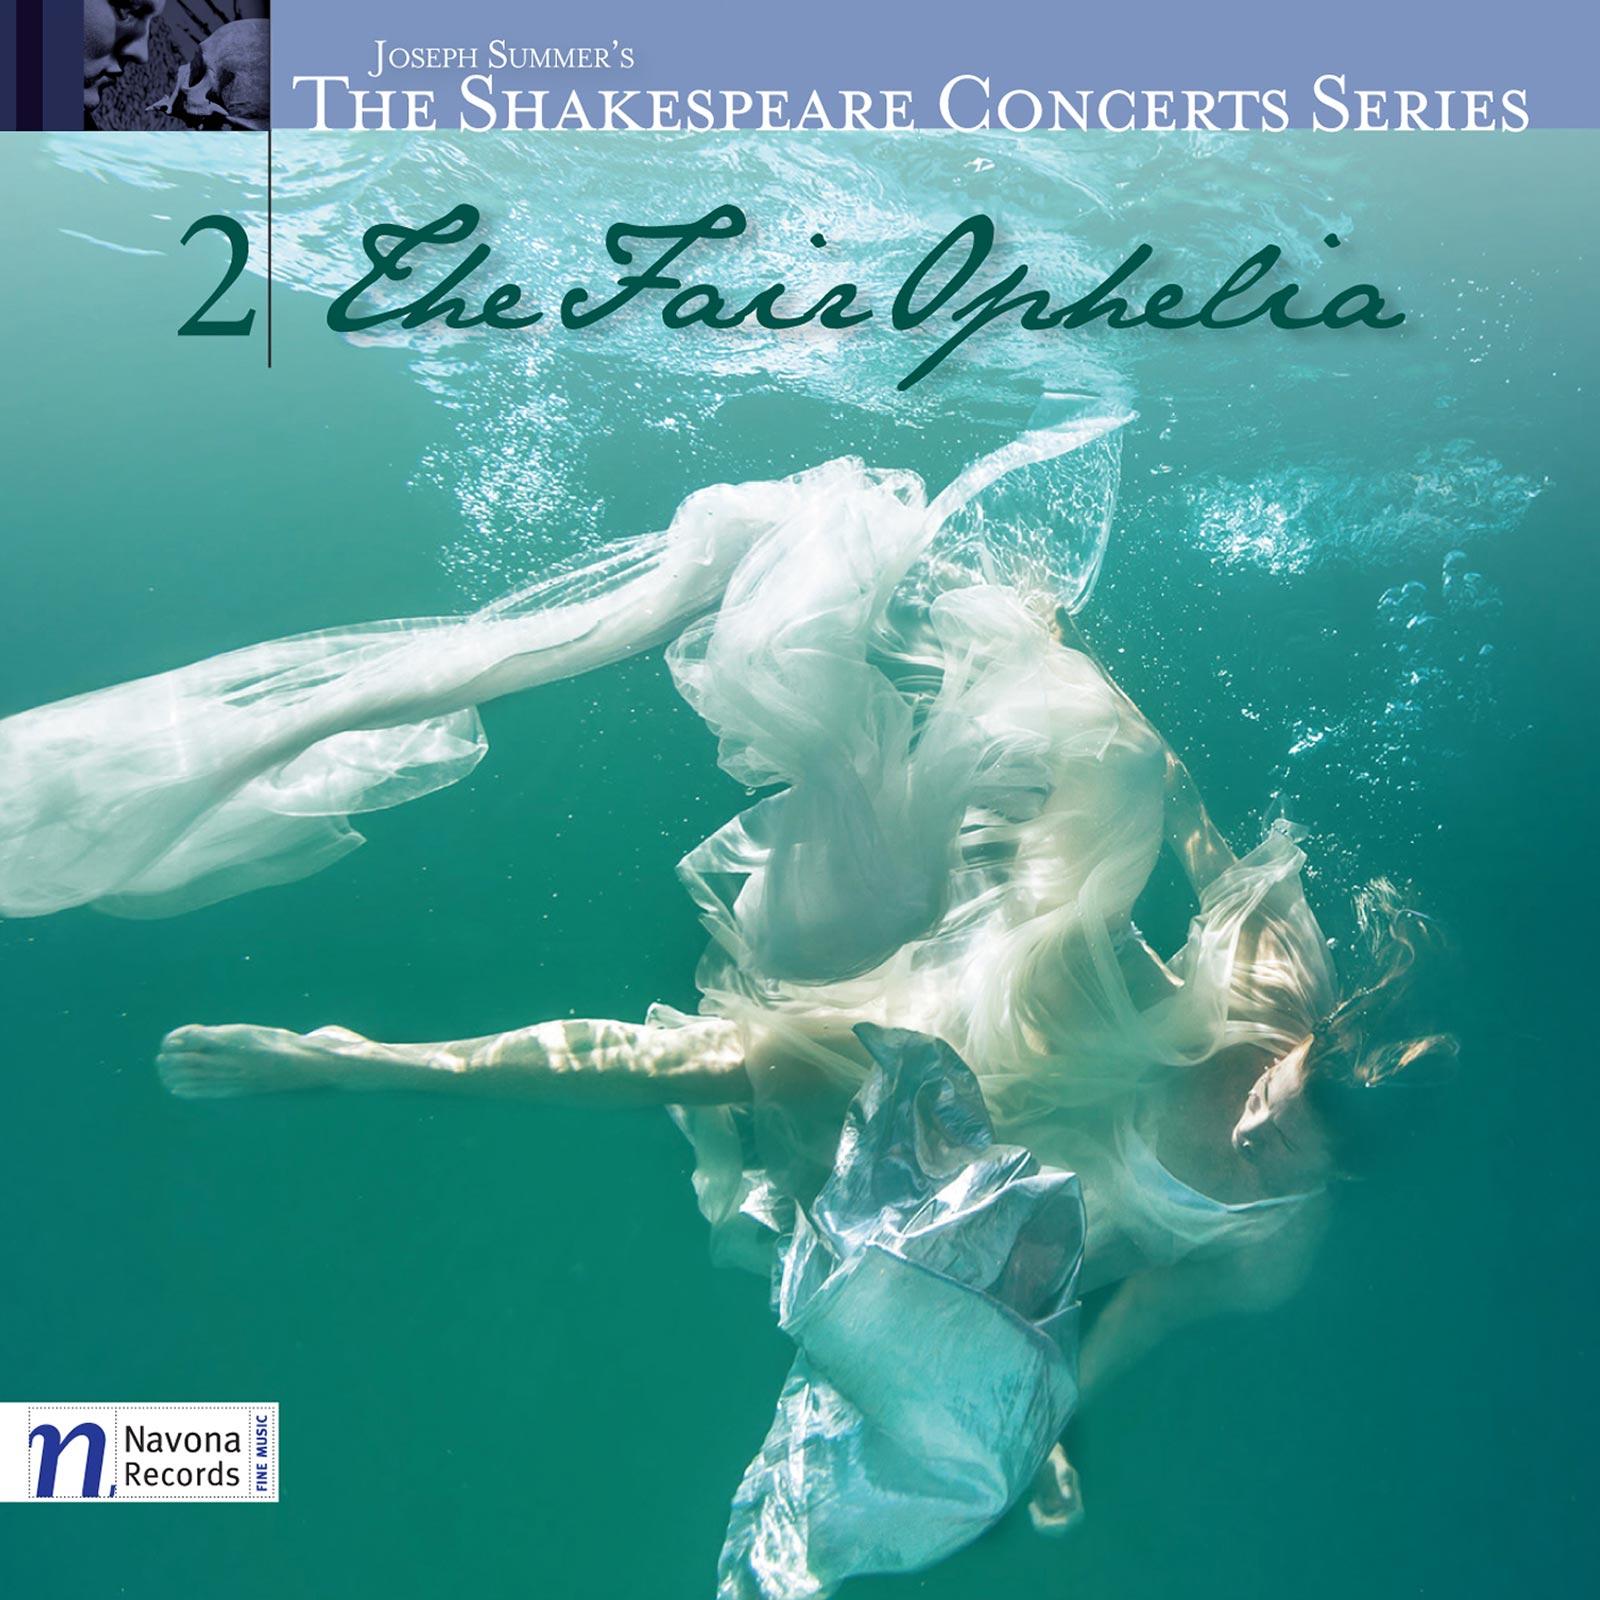 The Fair Ophelia